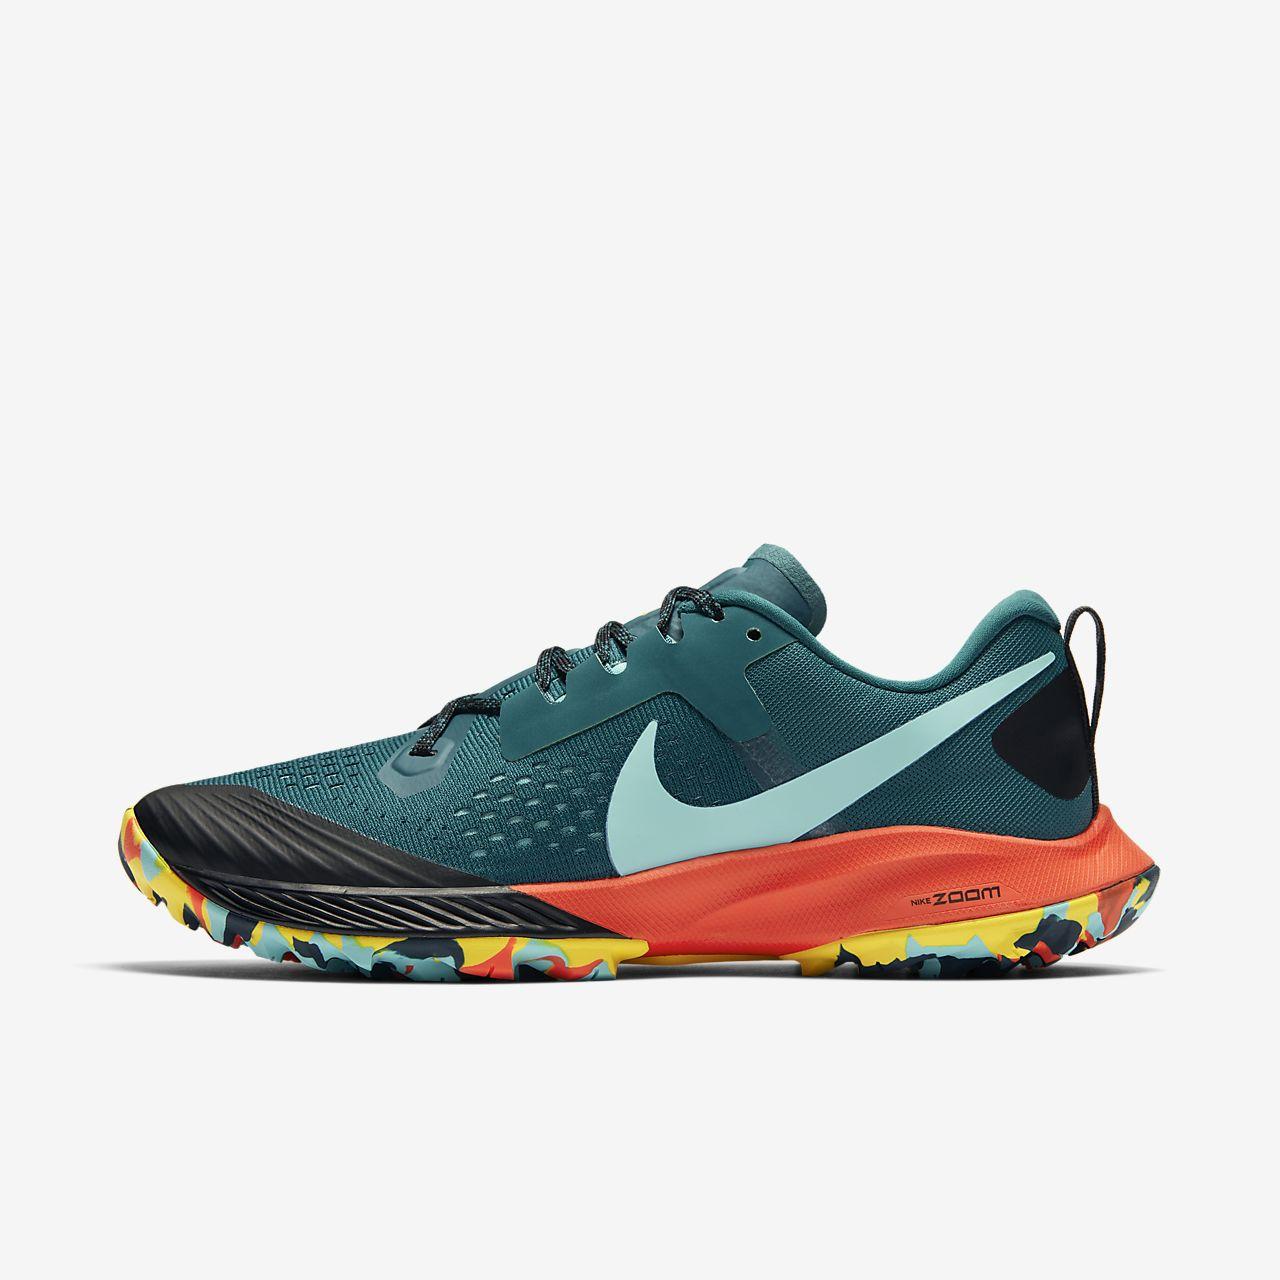 Nike Air Zoom Terra Kiger 5 Zapatillas de running - Mujer